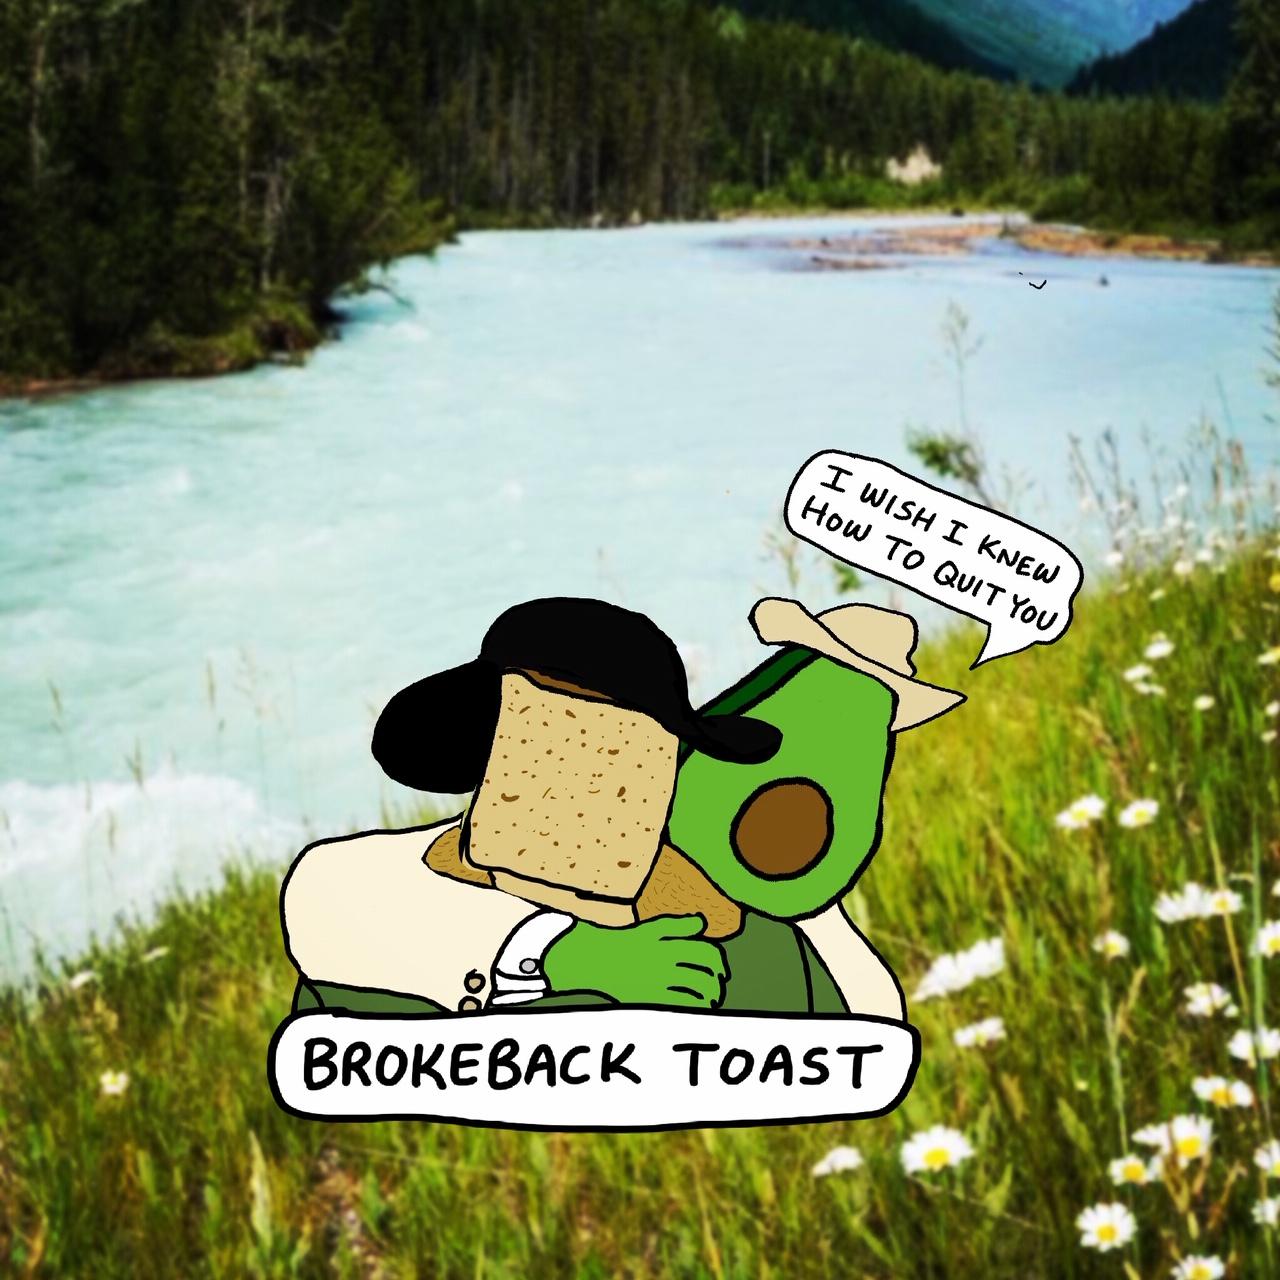 Brokeback Toast